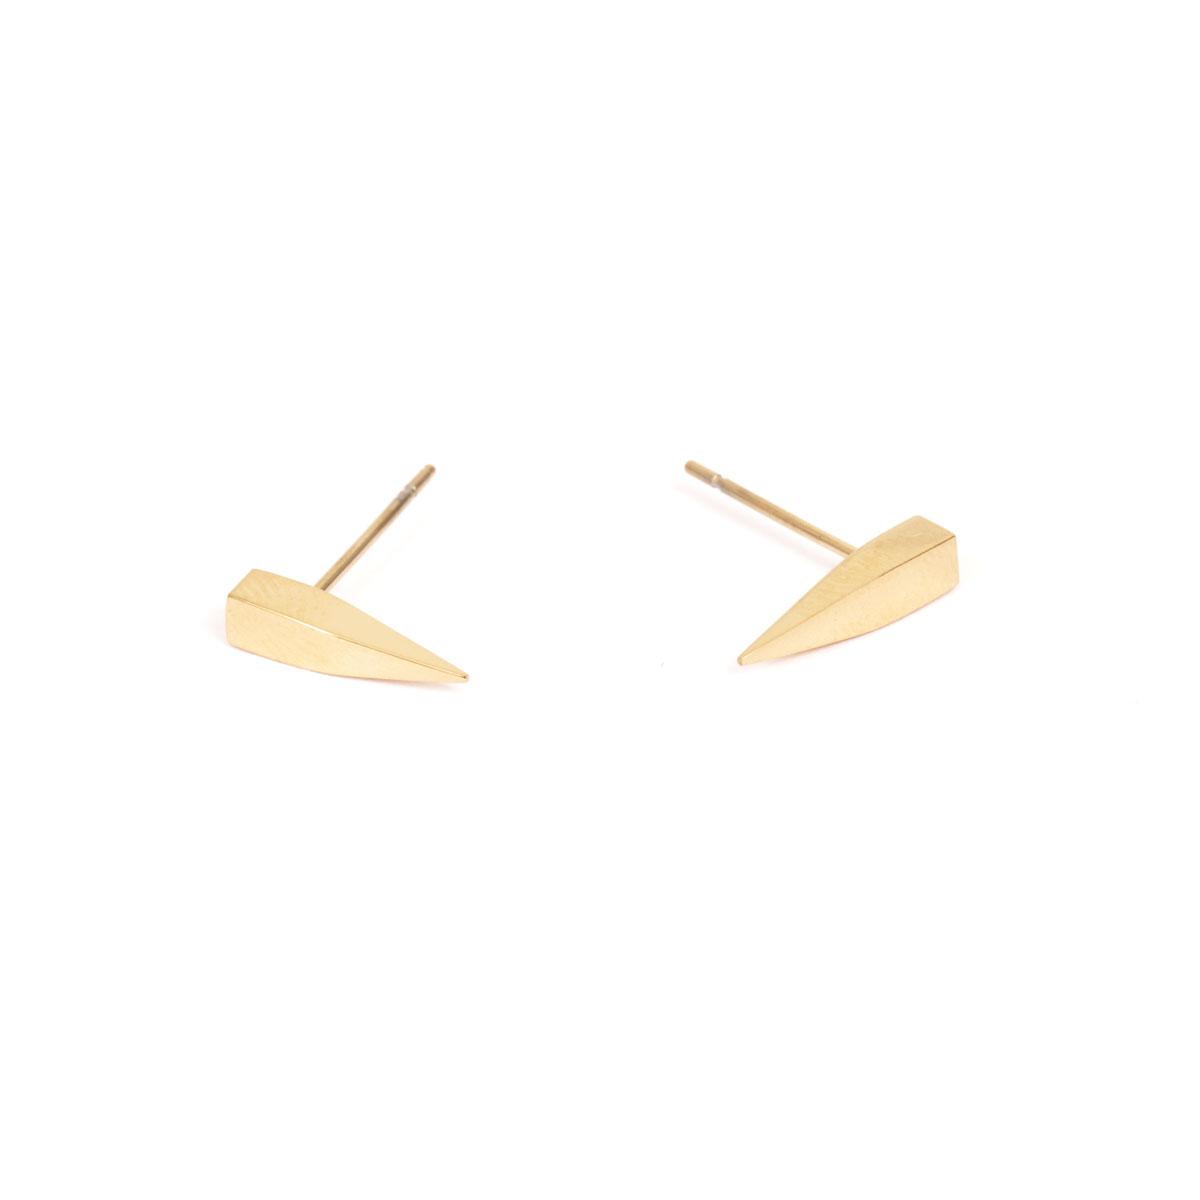 Серьги из стали с покрытием из золота(1046-0102)Бижутерия из стали от Arts&amp;Crafts<br>Arts&amp;Crafts, Норвегия<br><br>Авторский дизайн, ручная работа, ограниченный выпуск.<br>